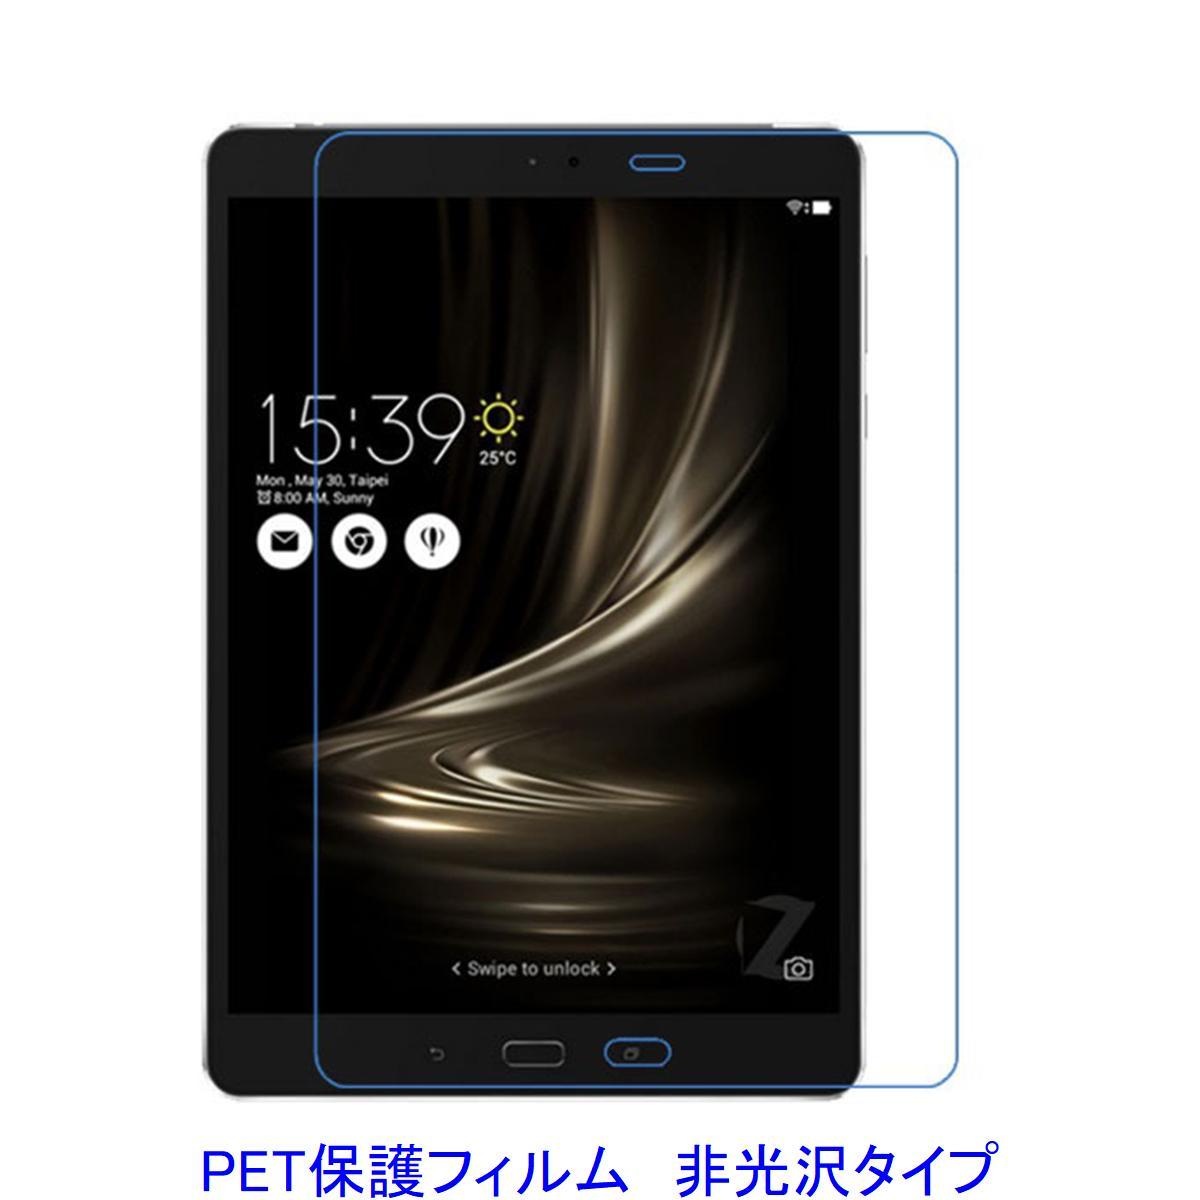 【メール便送料無料】 ASUS ZenPad 3S 10 Z500M 液晶保護フィルム 非光沢 指紋防止